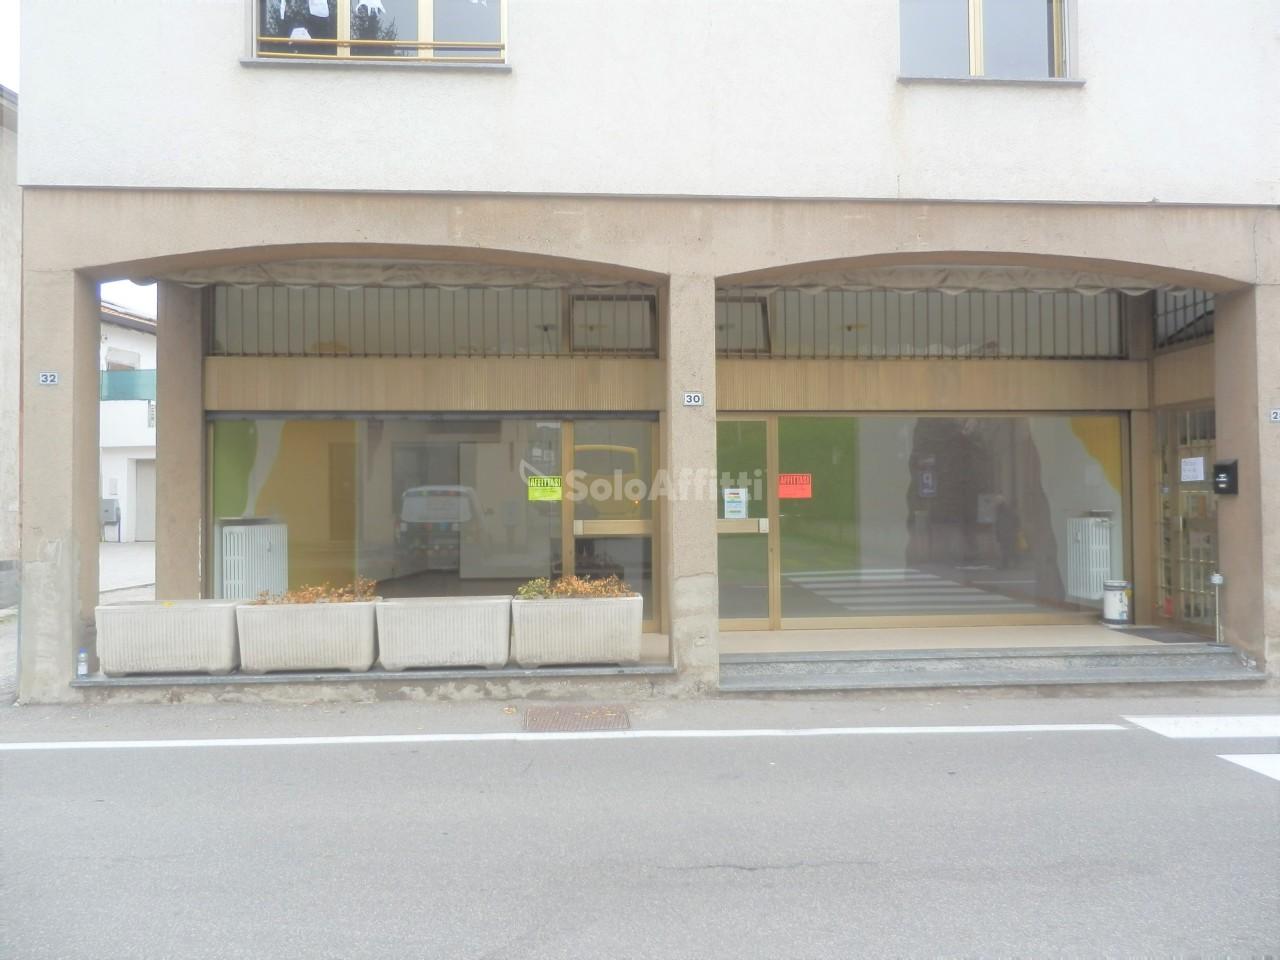 Negozio / Locale in affitto a Faloppio, 1 locali, prezzo € 600 | PortaleAgenzieImmobiliari.it